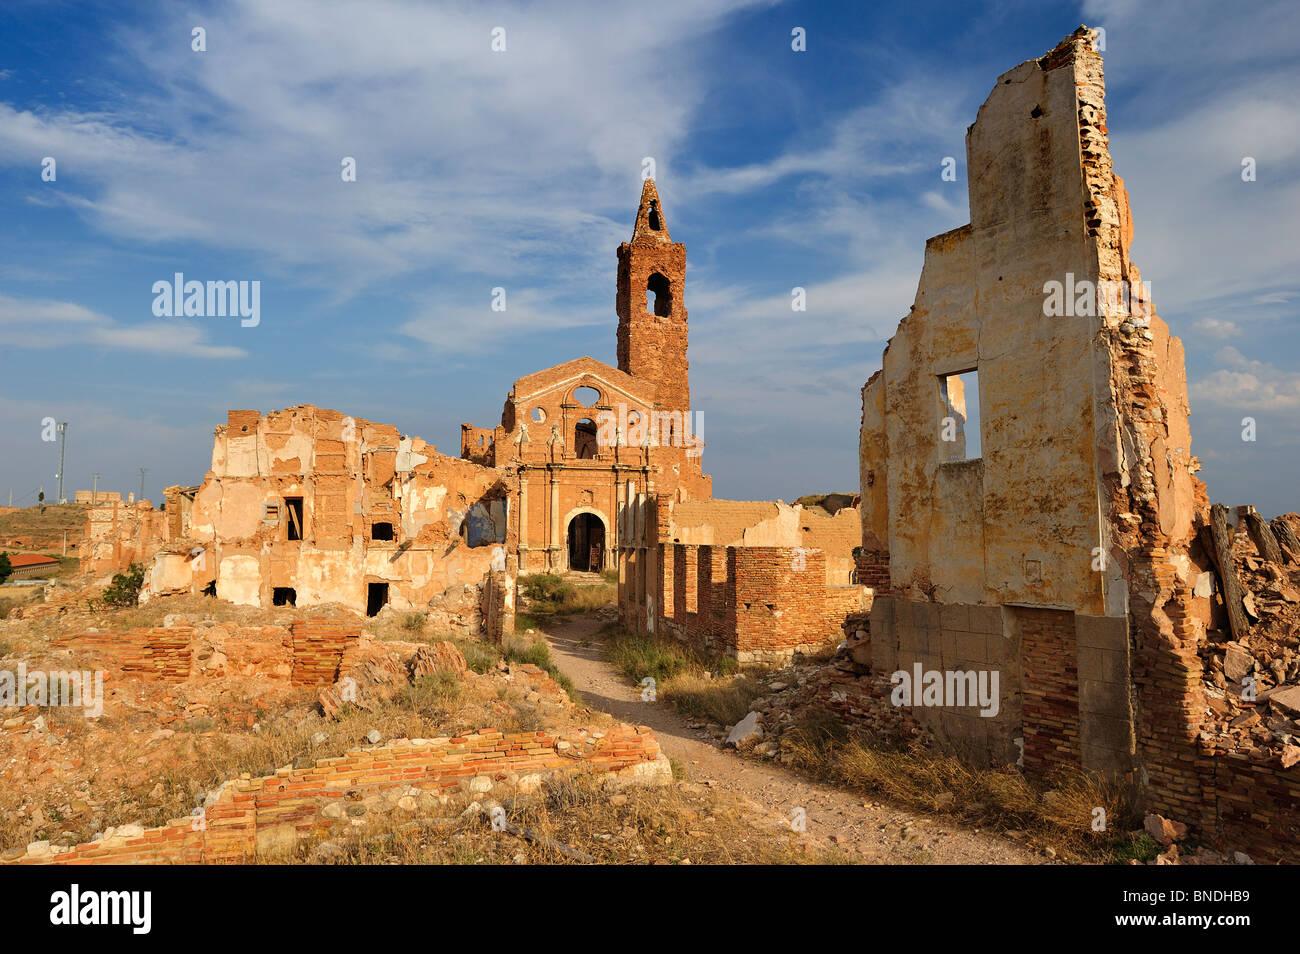 Ruinas de la Iglesia de San Martín en el Pueblo Viejo de Belchite (ciudad antigua de Belchite). Foto de stock